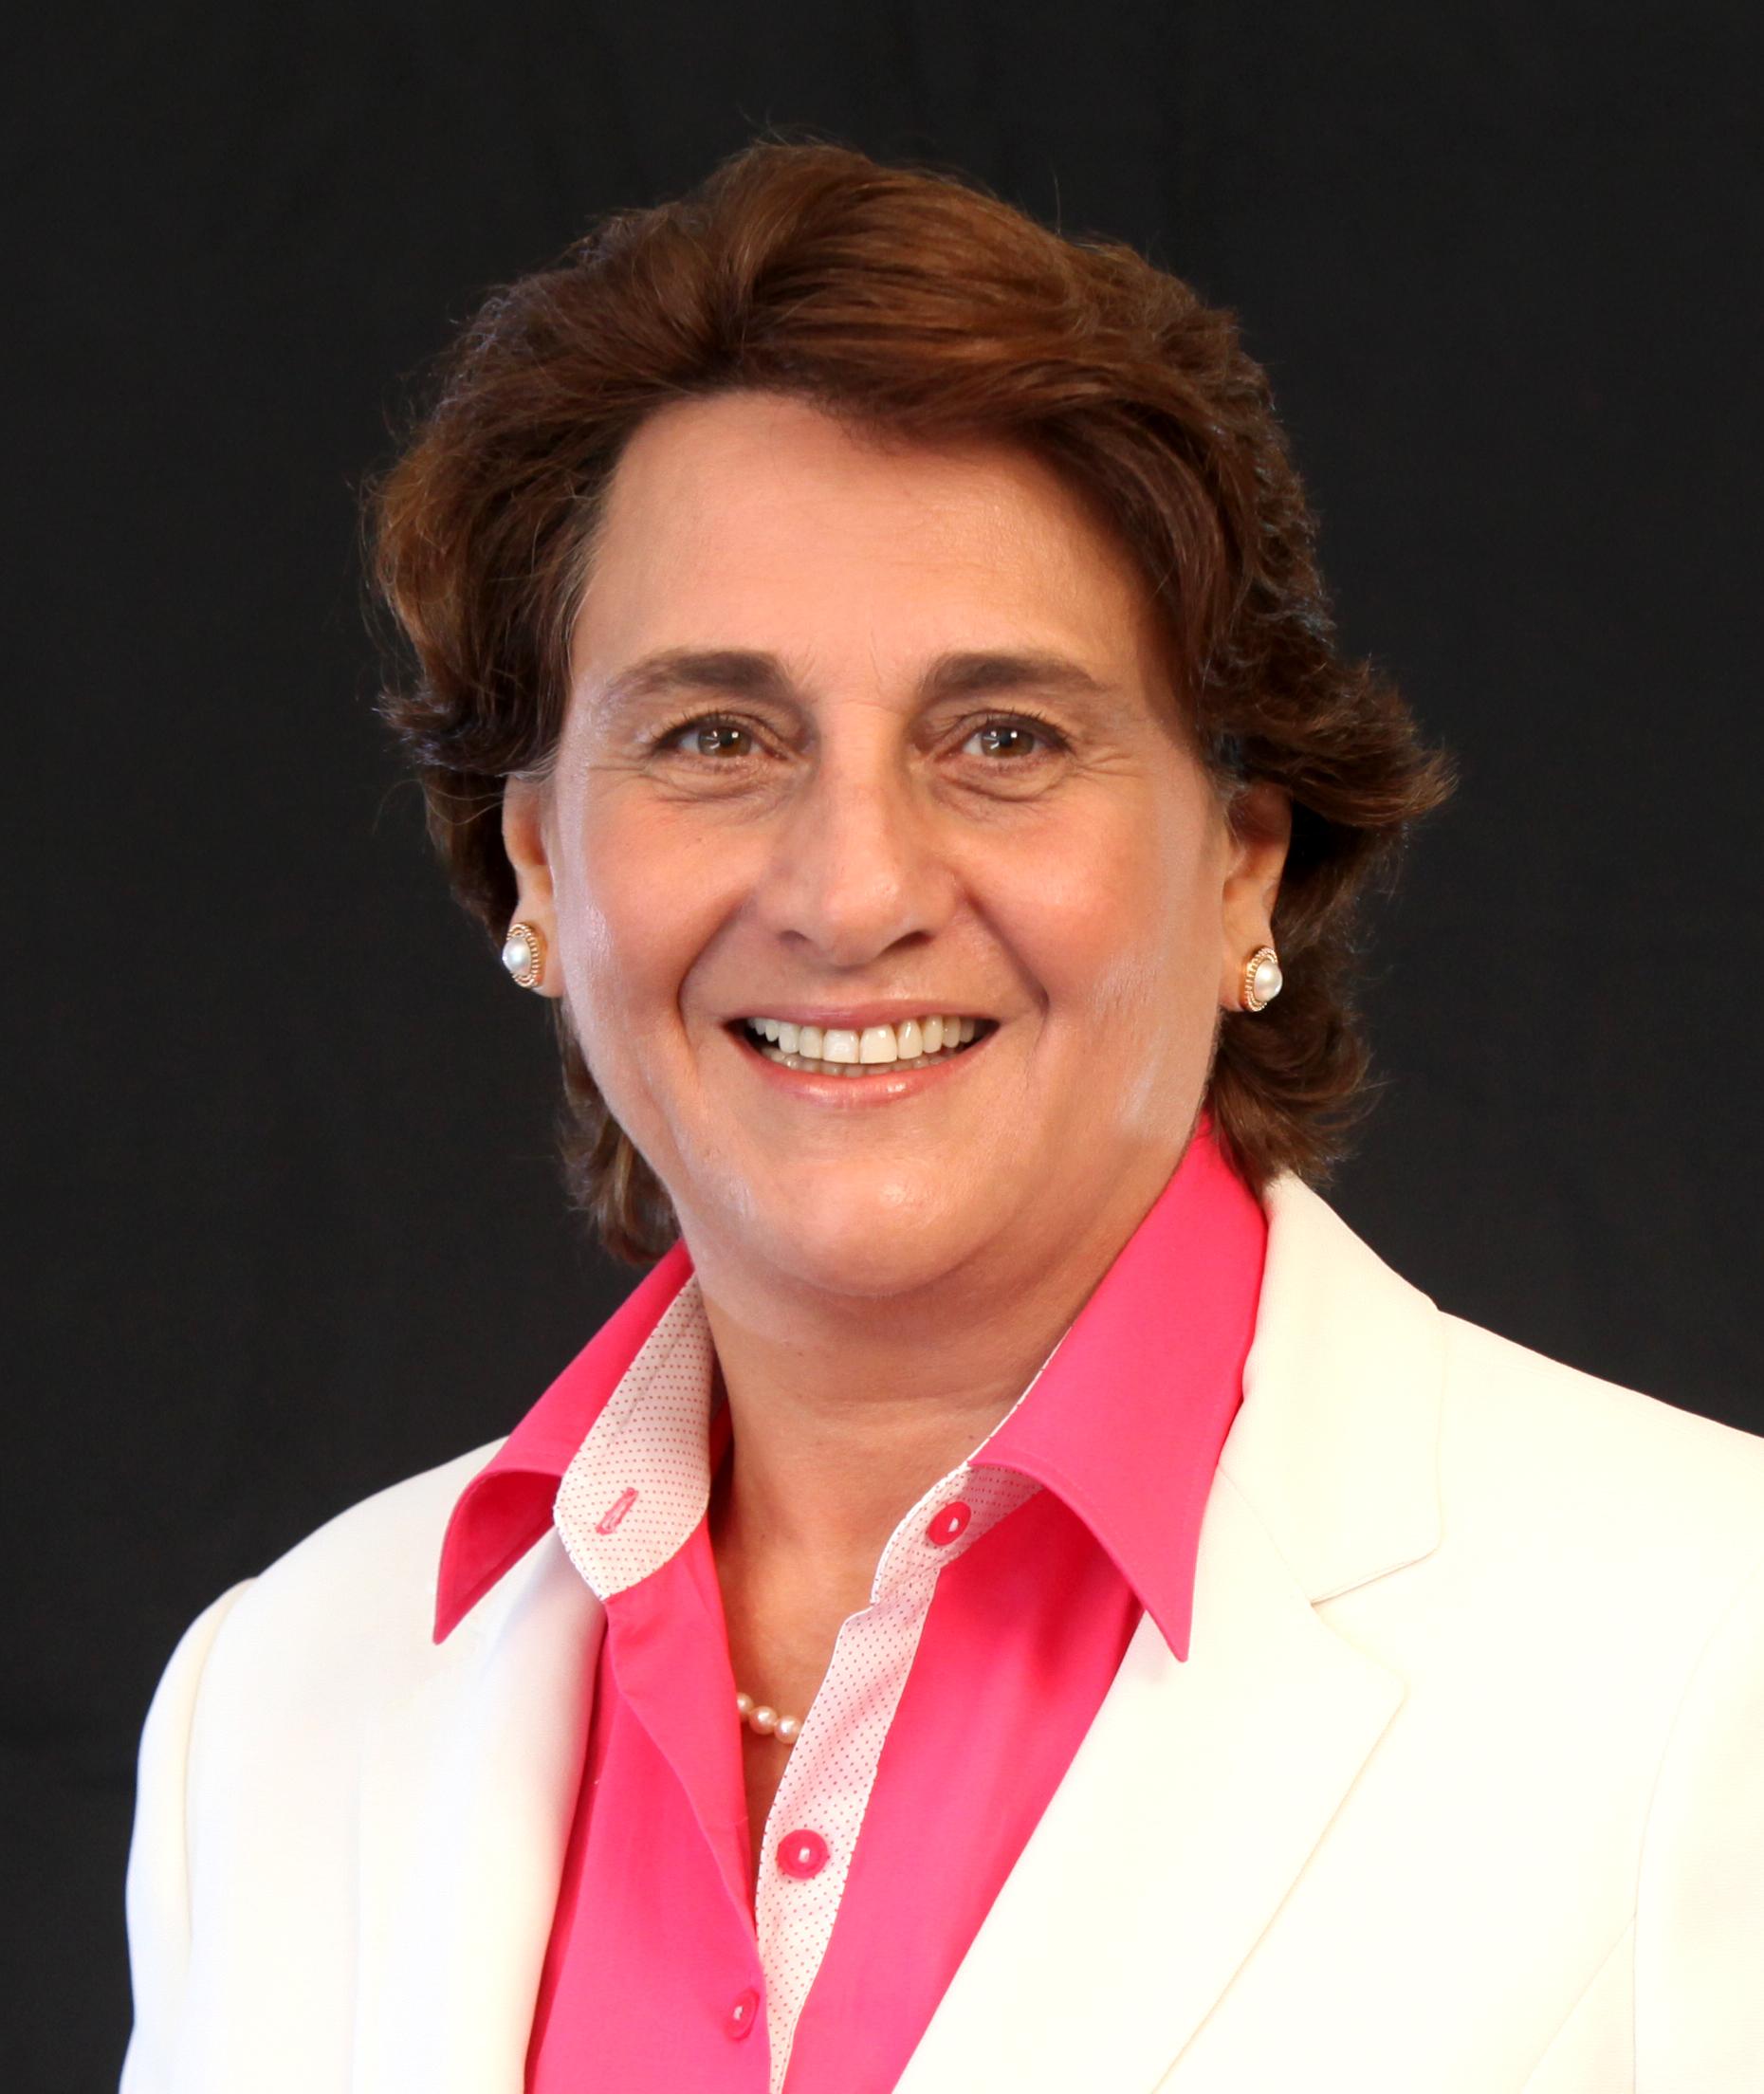 Veja o que saiu no Migalhas sobre Eliana Pedrosa